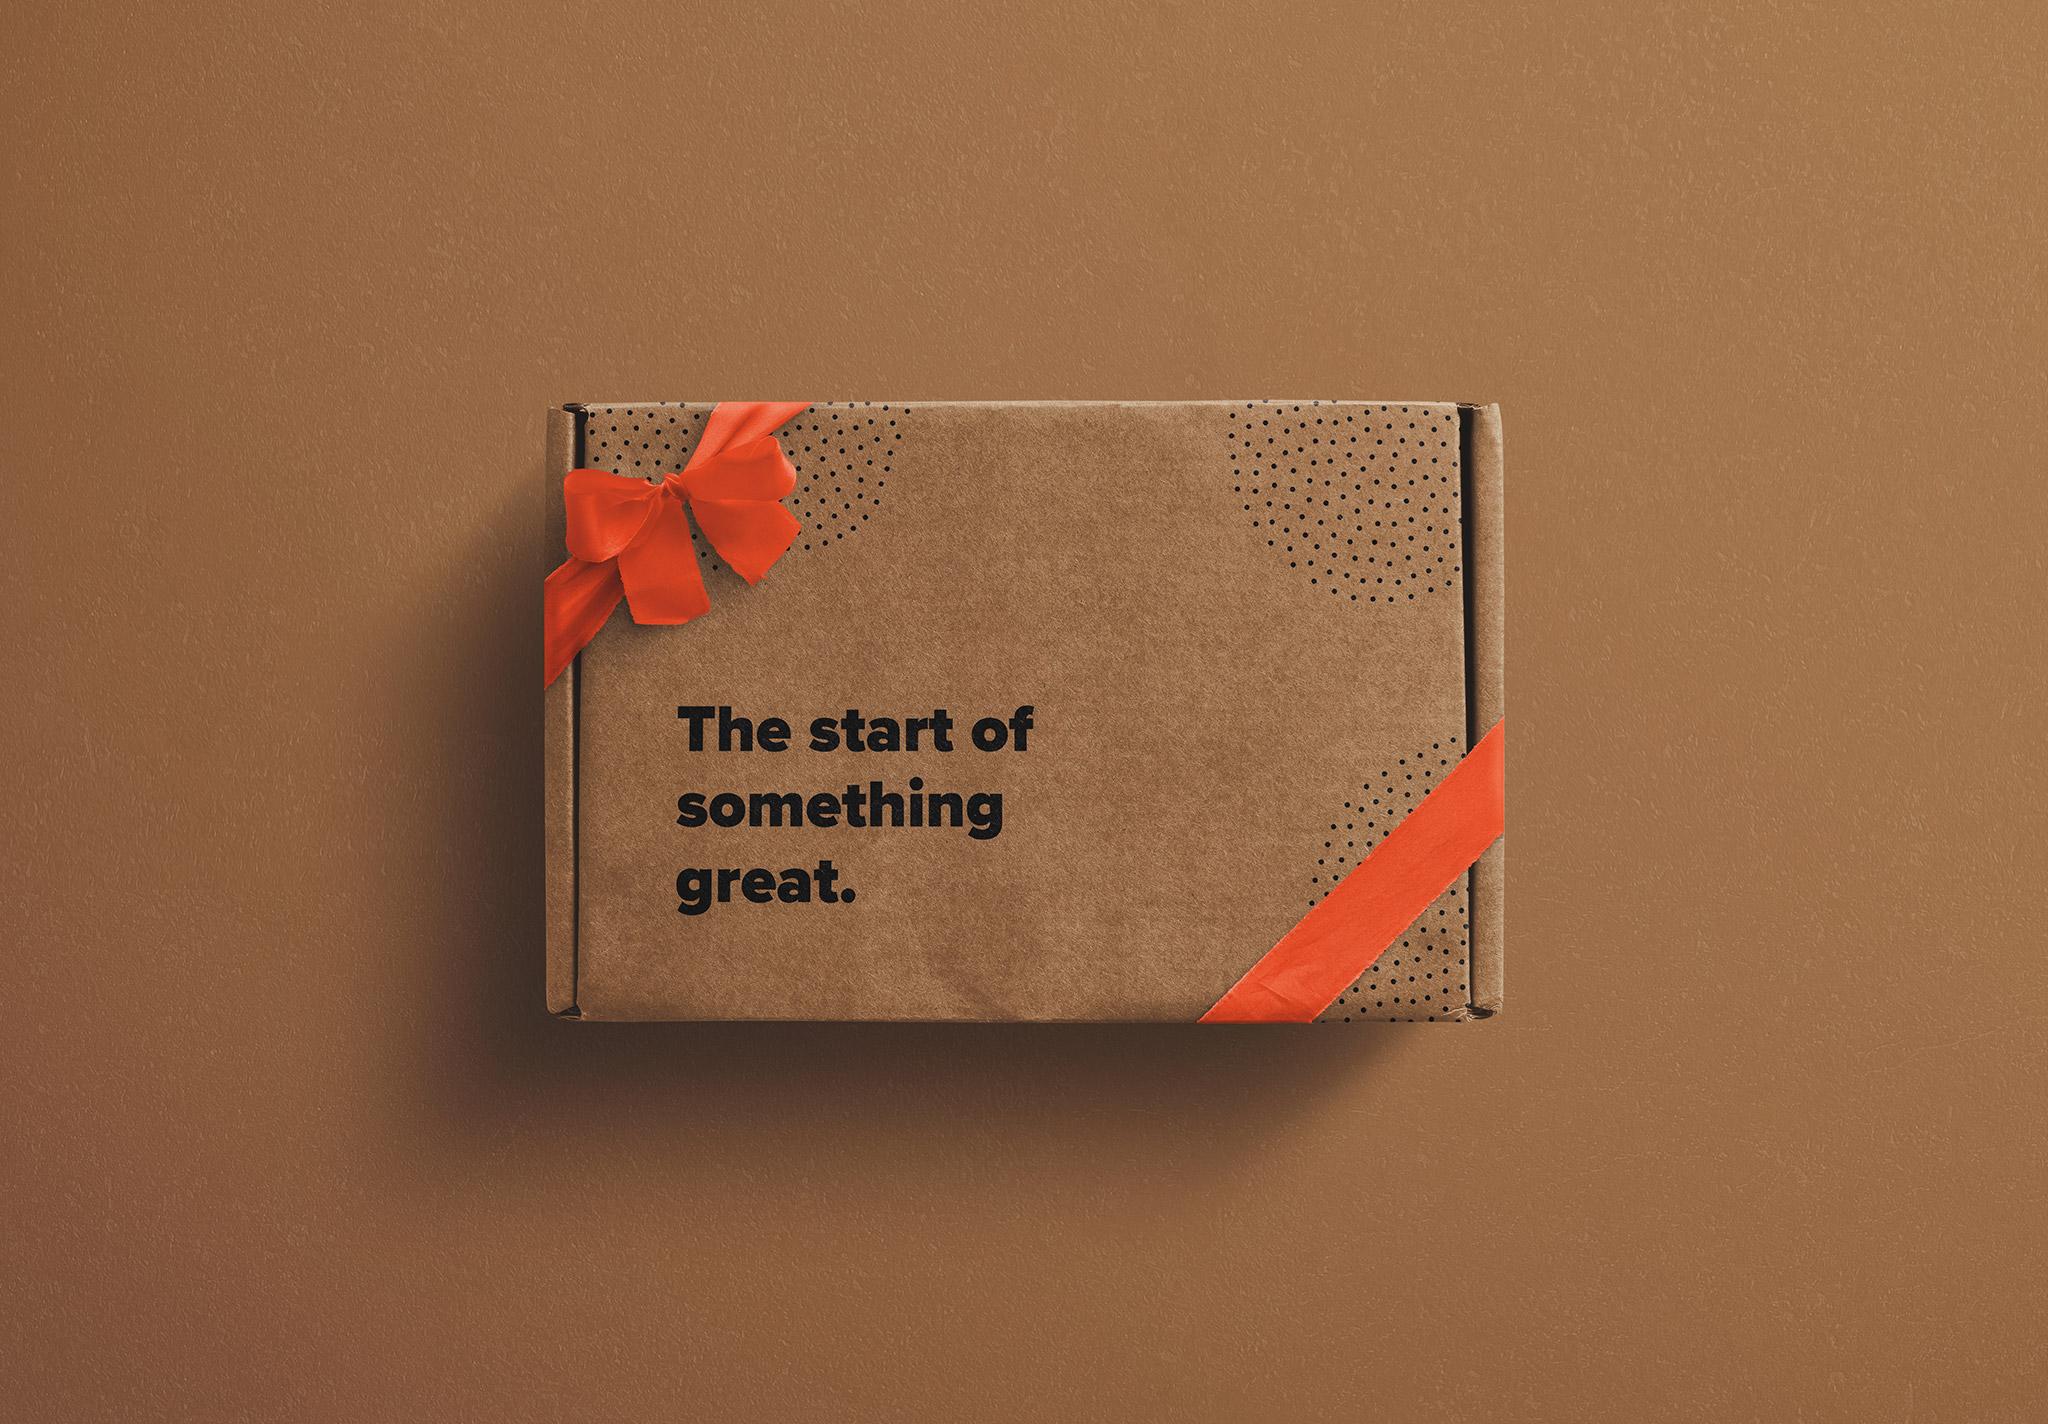 Postal Box with Bow and Ribbons Mockup image01